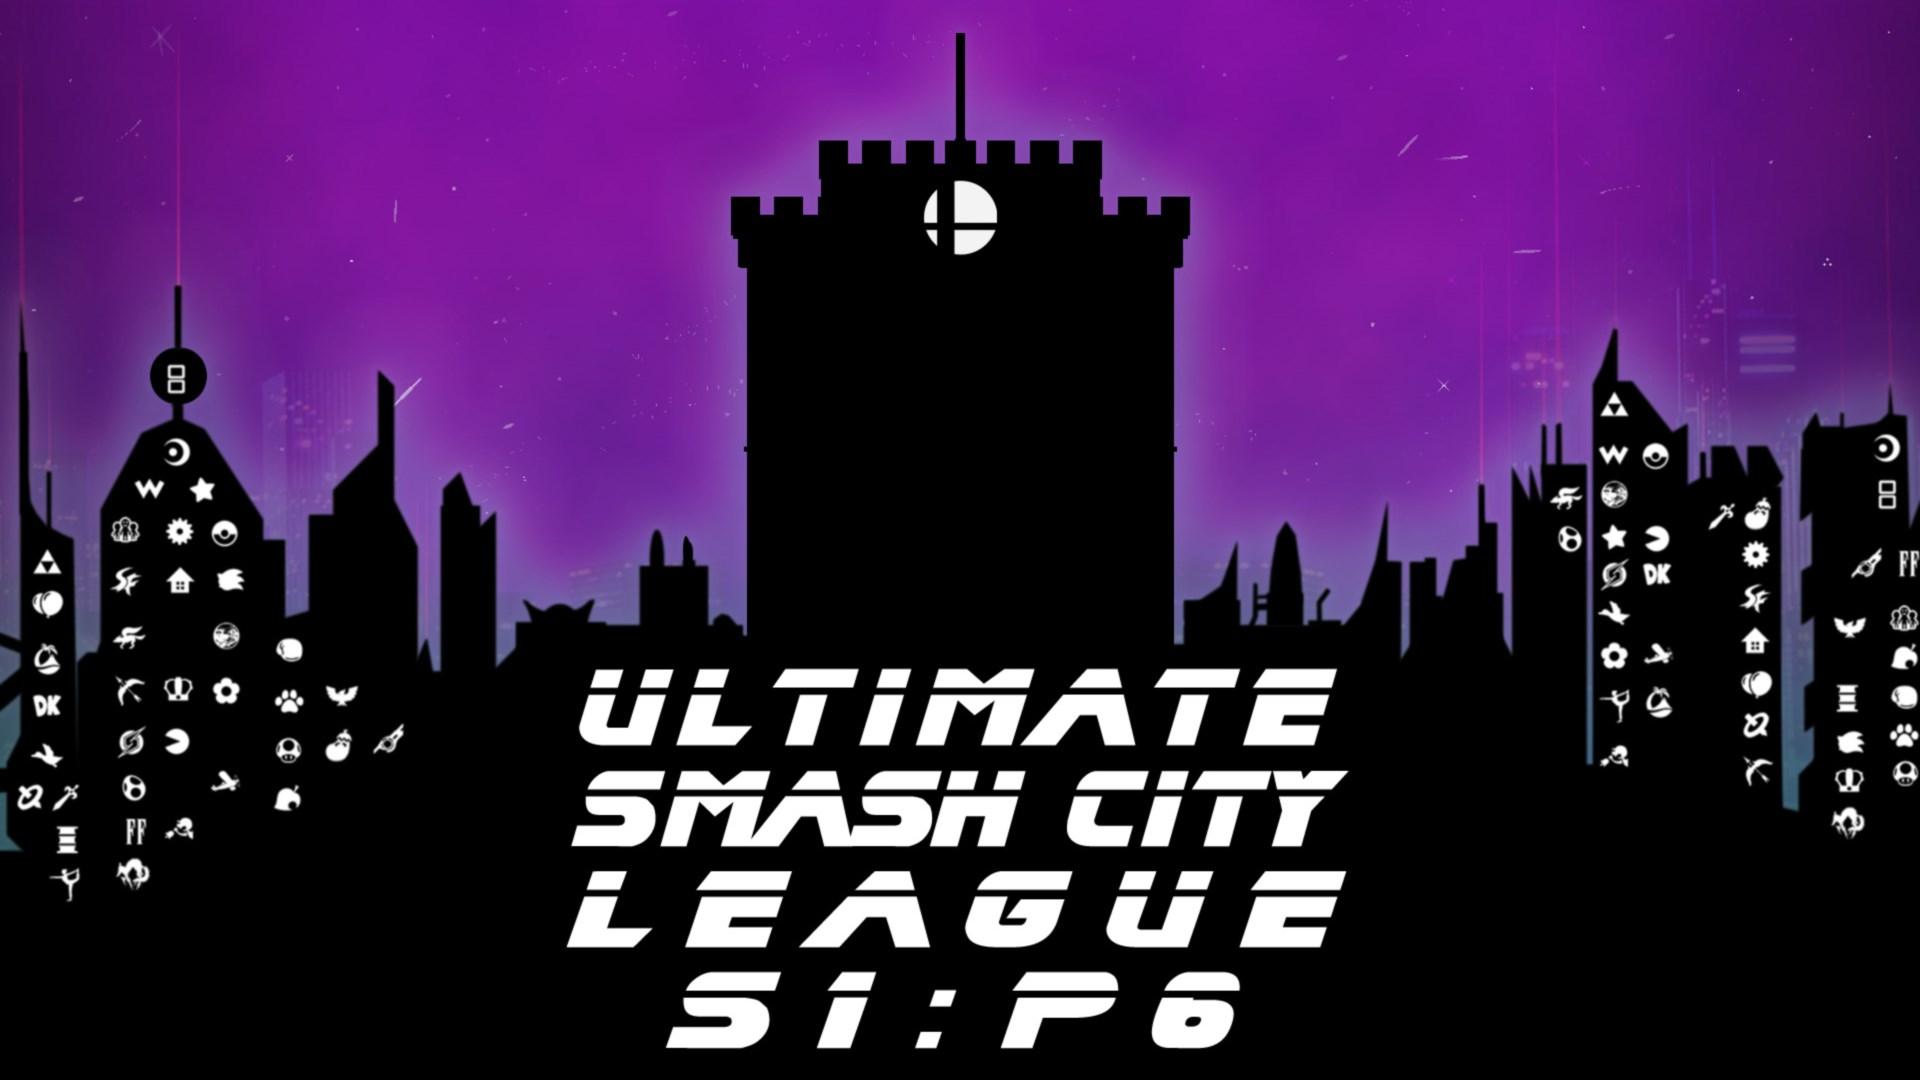 Ultimate Smash City League S1:P6 Θεσσαλονίκη